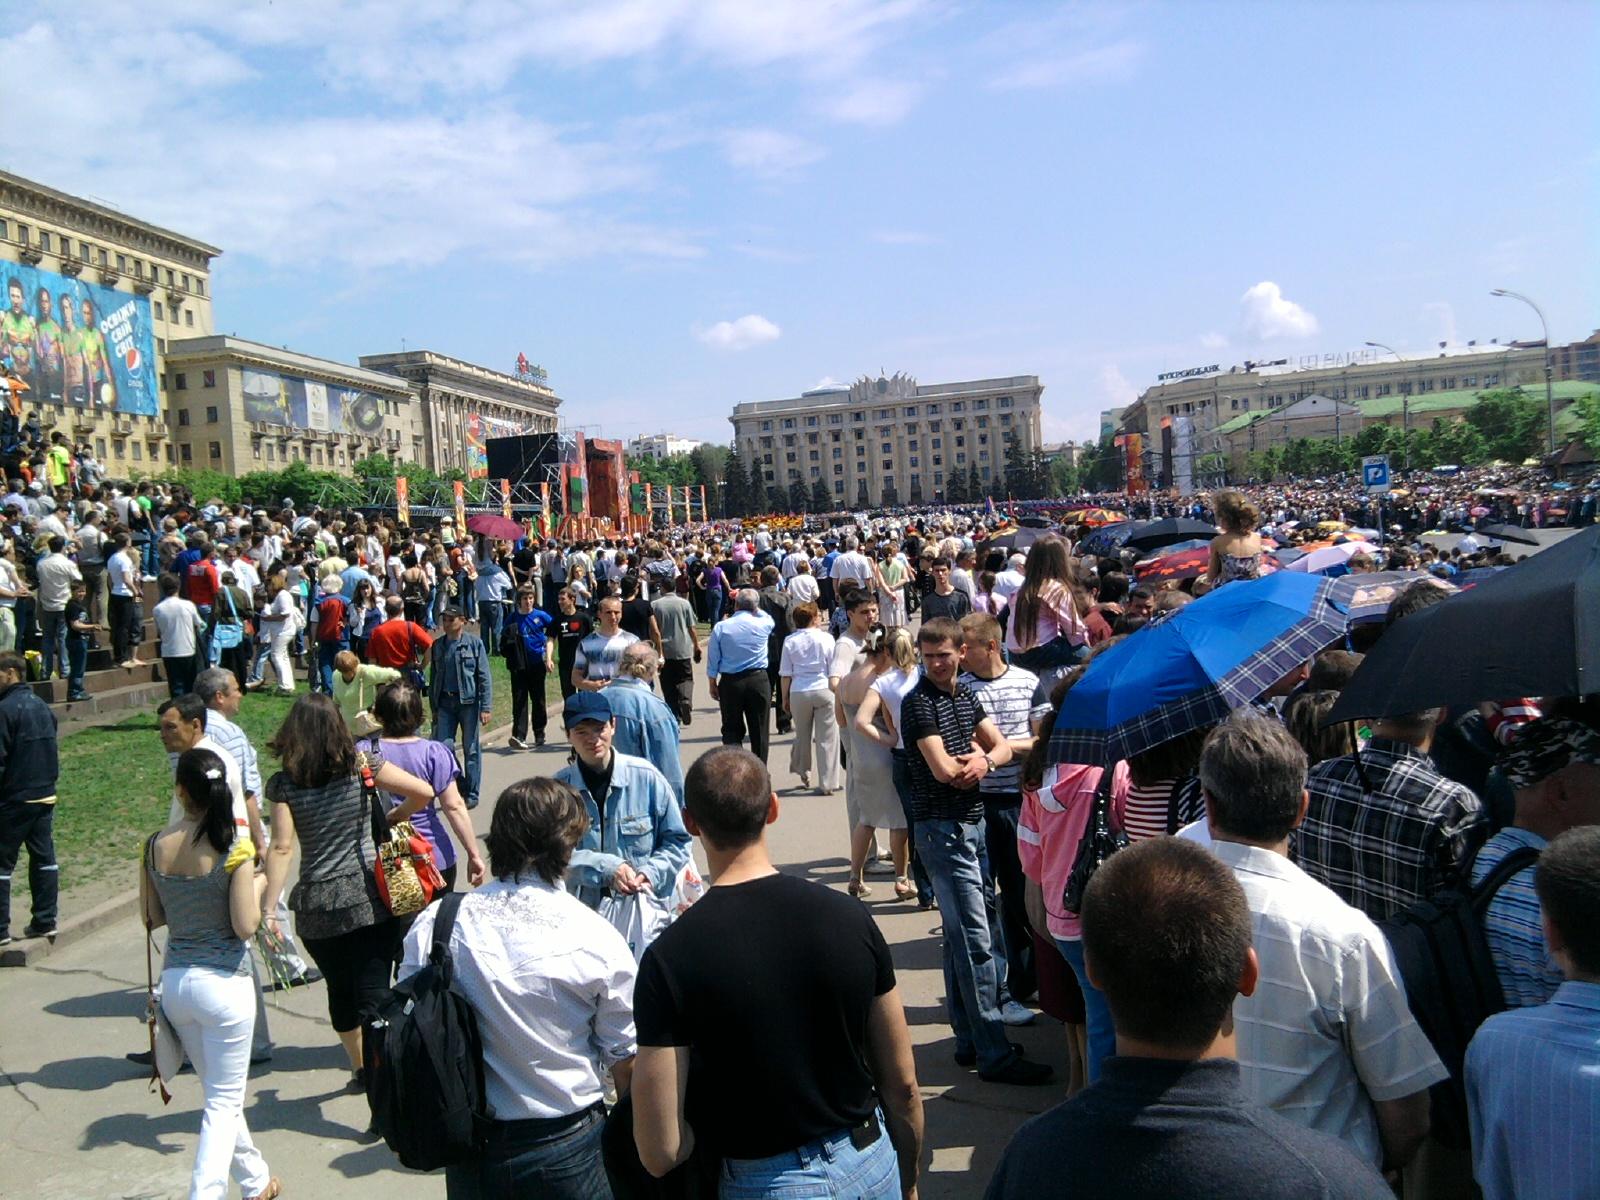 Площадь Свободы - 2010 масса людей